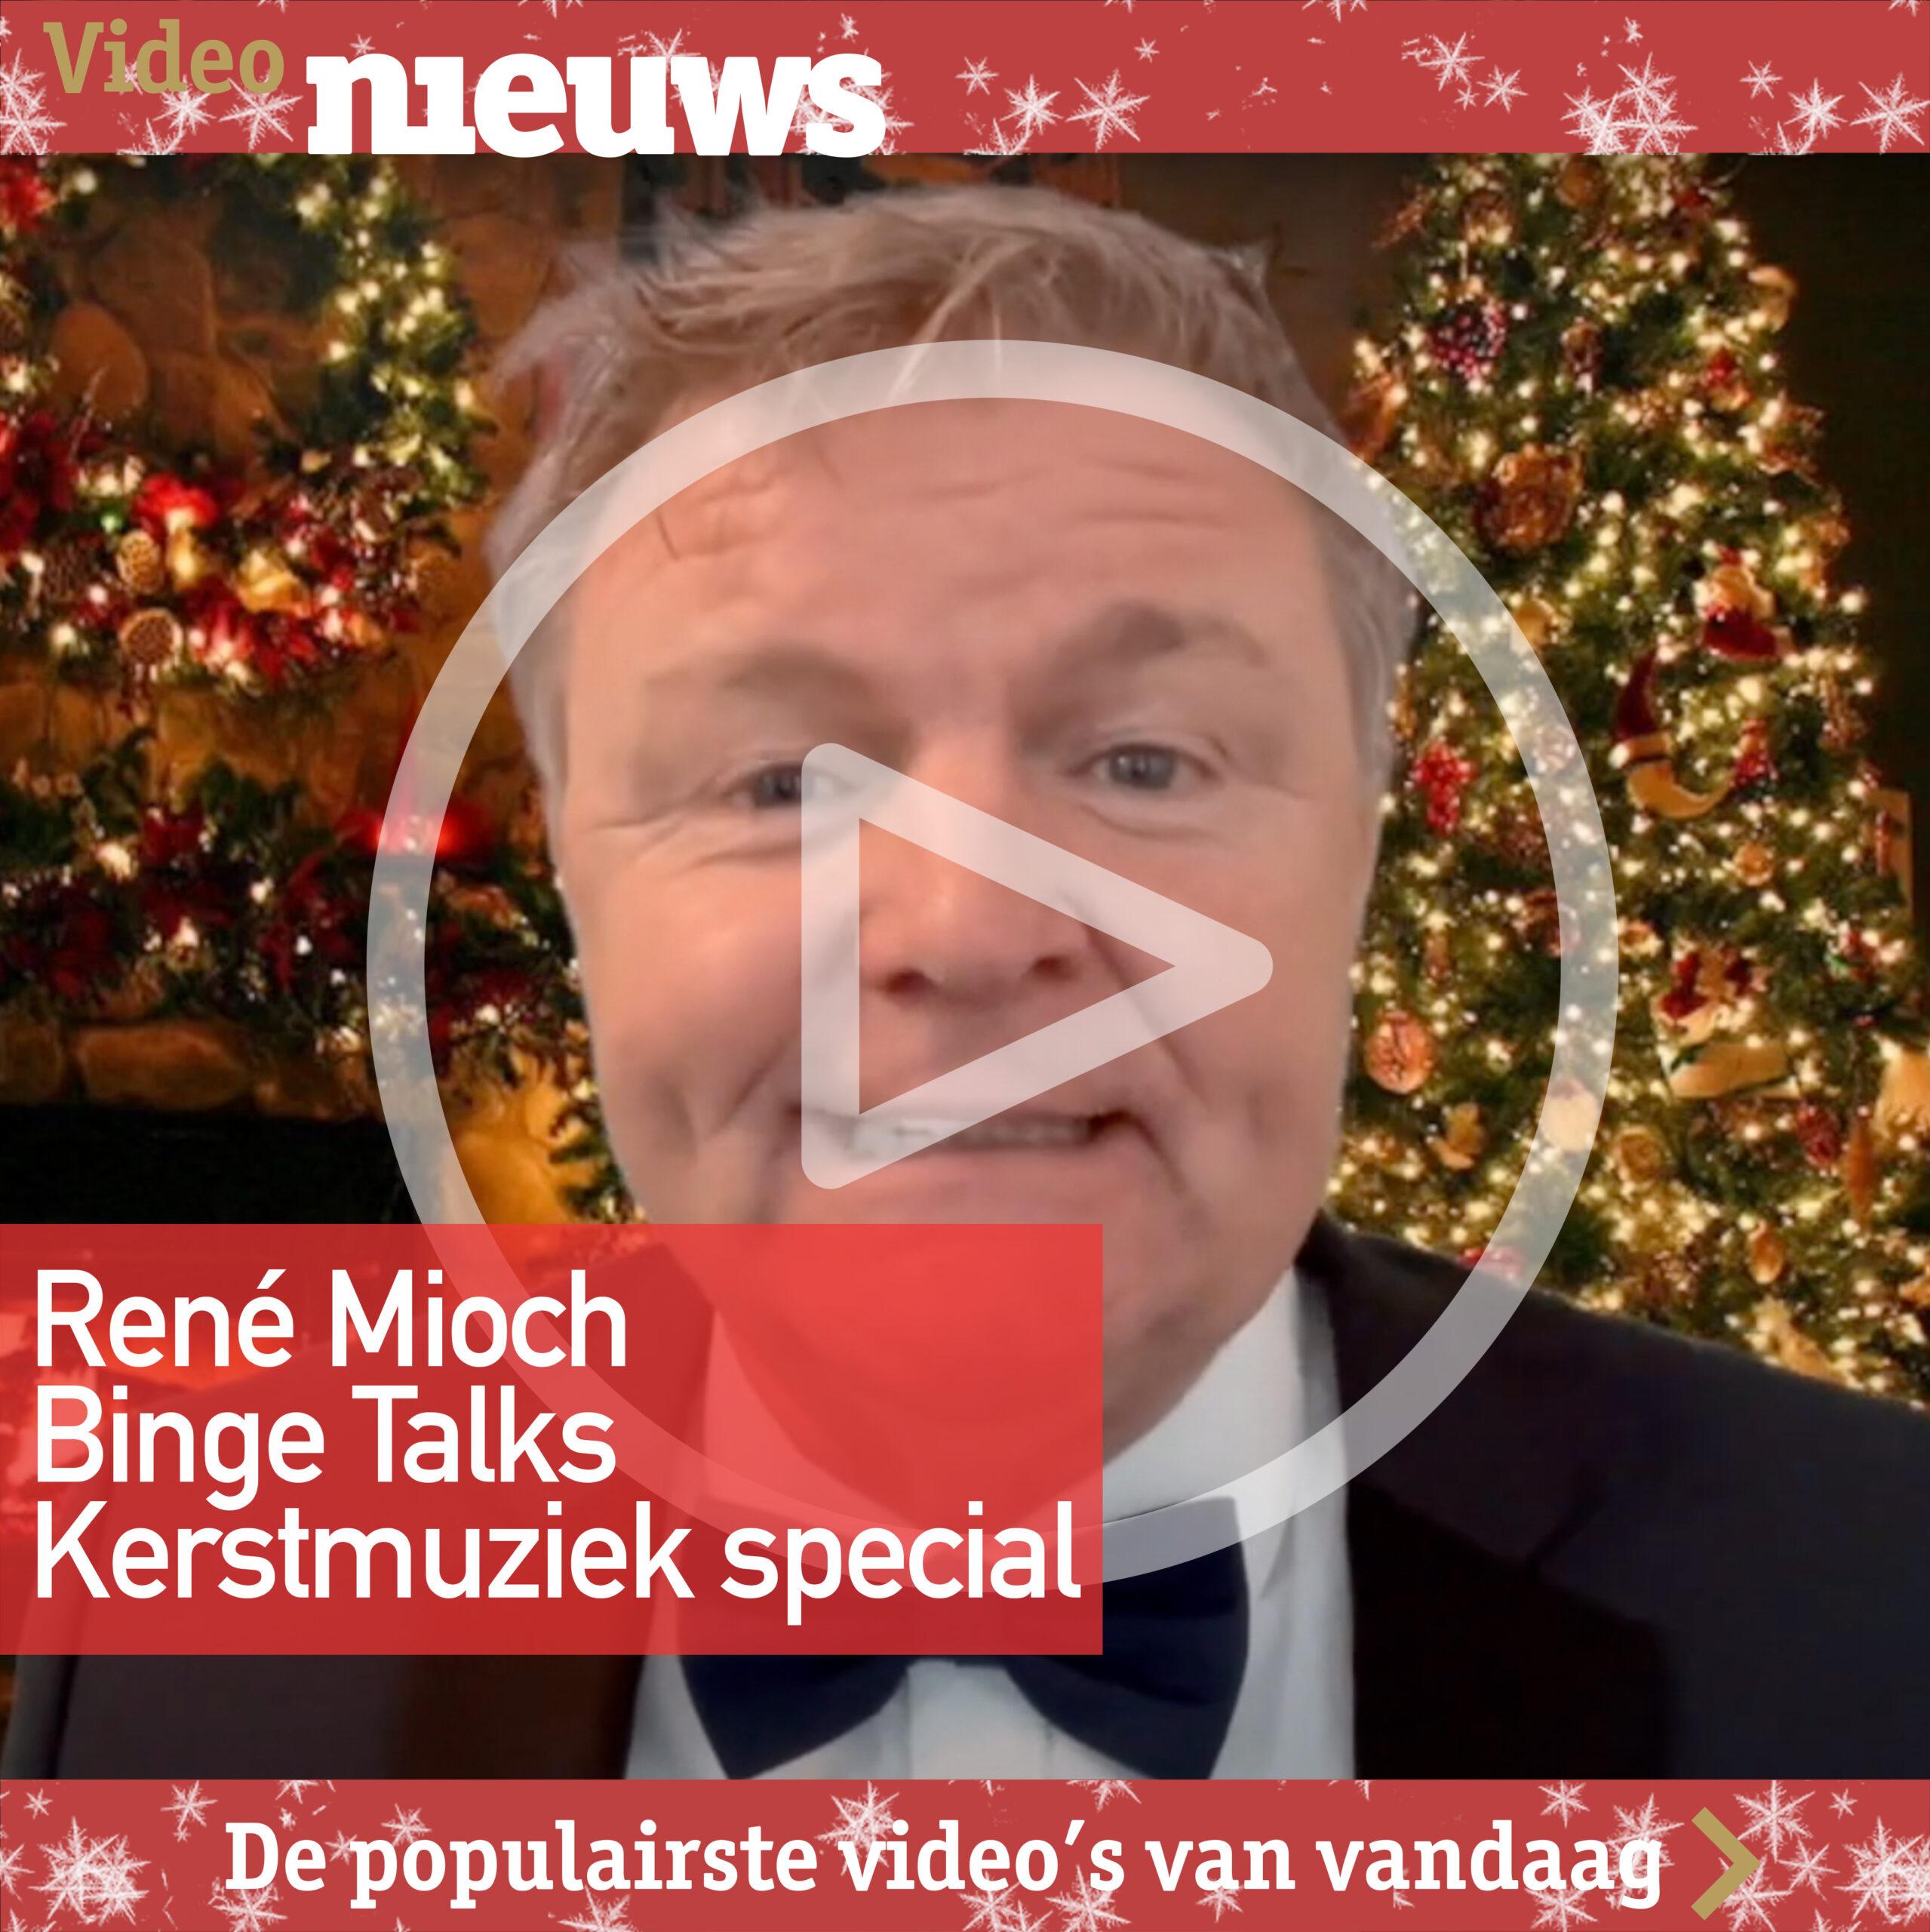 Kerstmuziek special